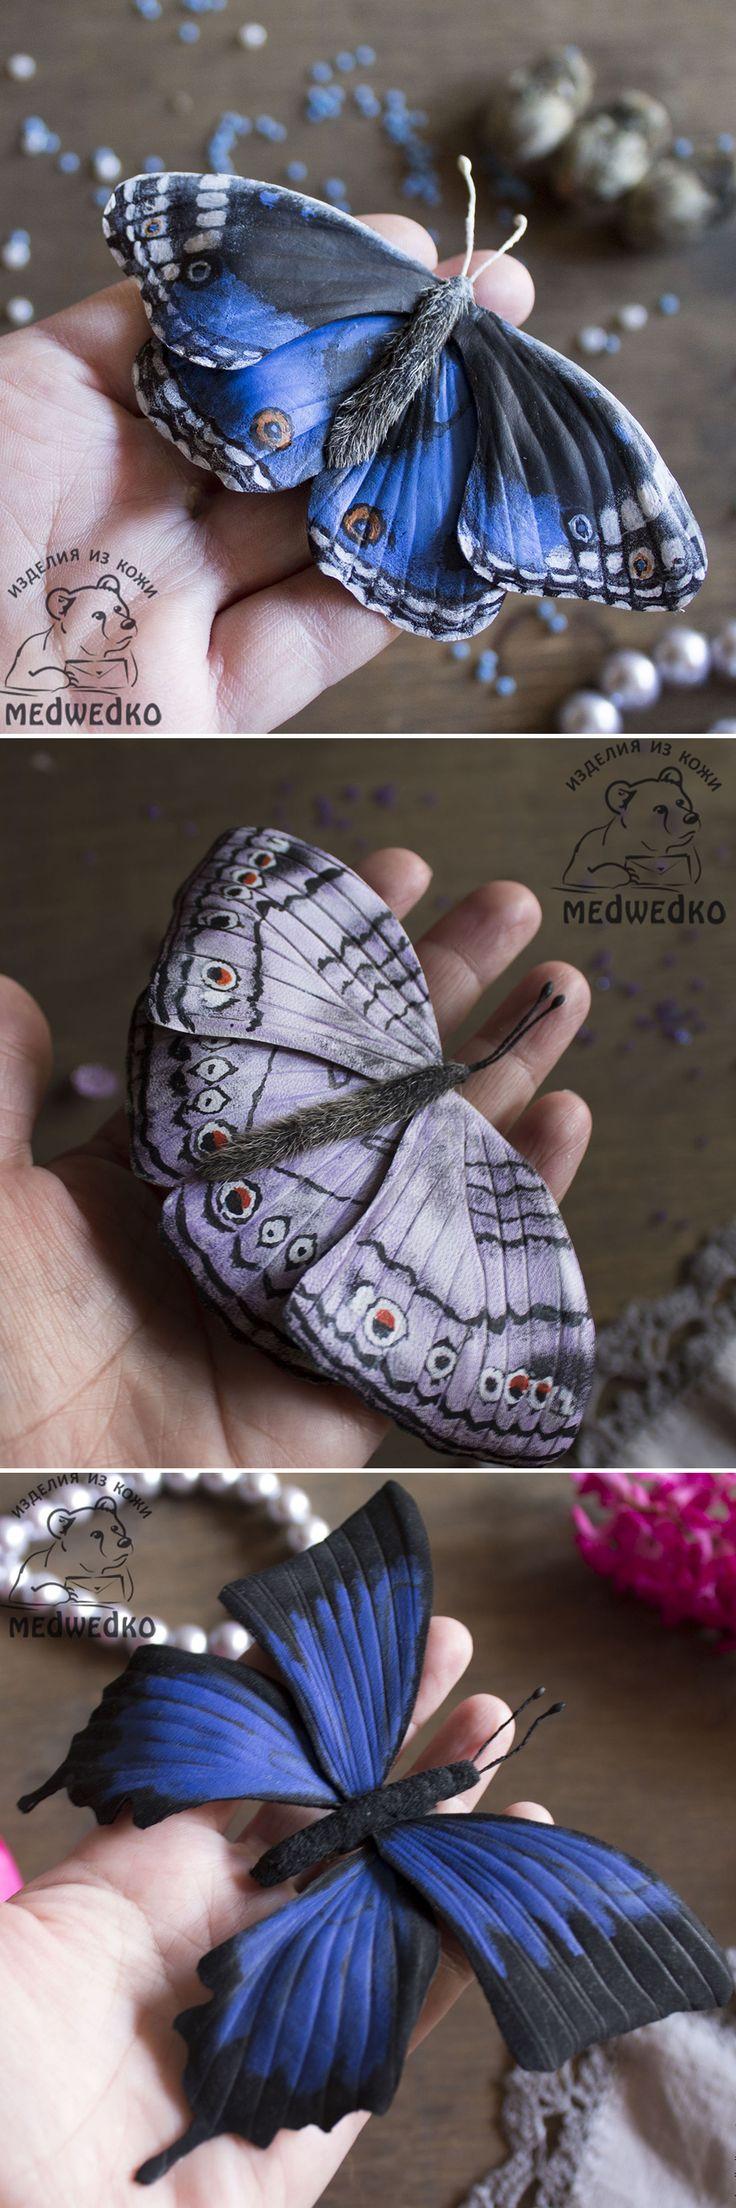 Leather Butterfly Brooches | Кожаные броши-бабочки — Купить, заказать, украшение, брошь, брошка, бабочка, кожа, ручная работа, мода, стиль